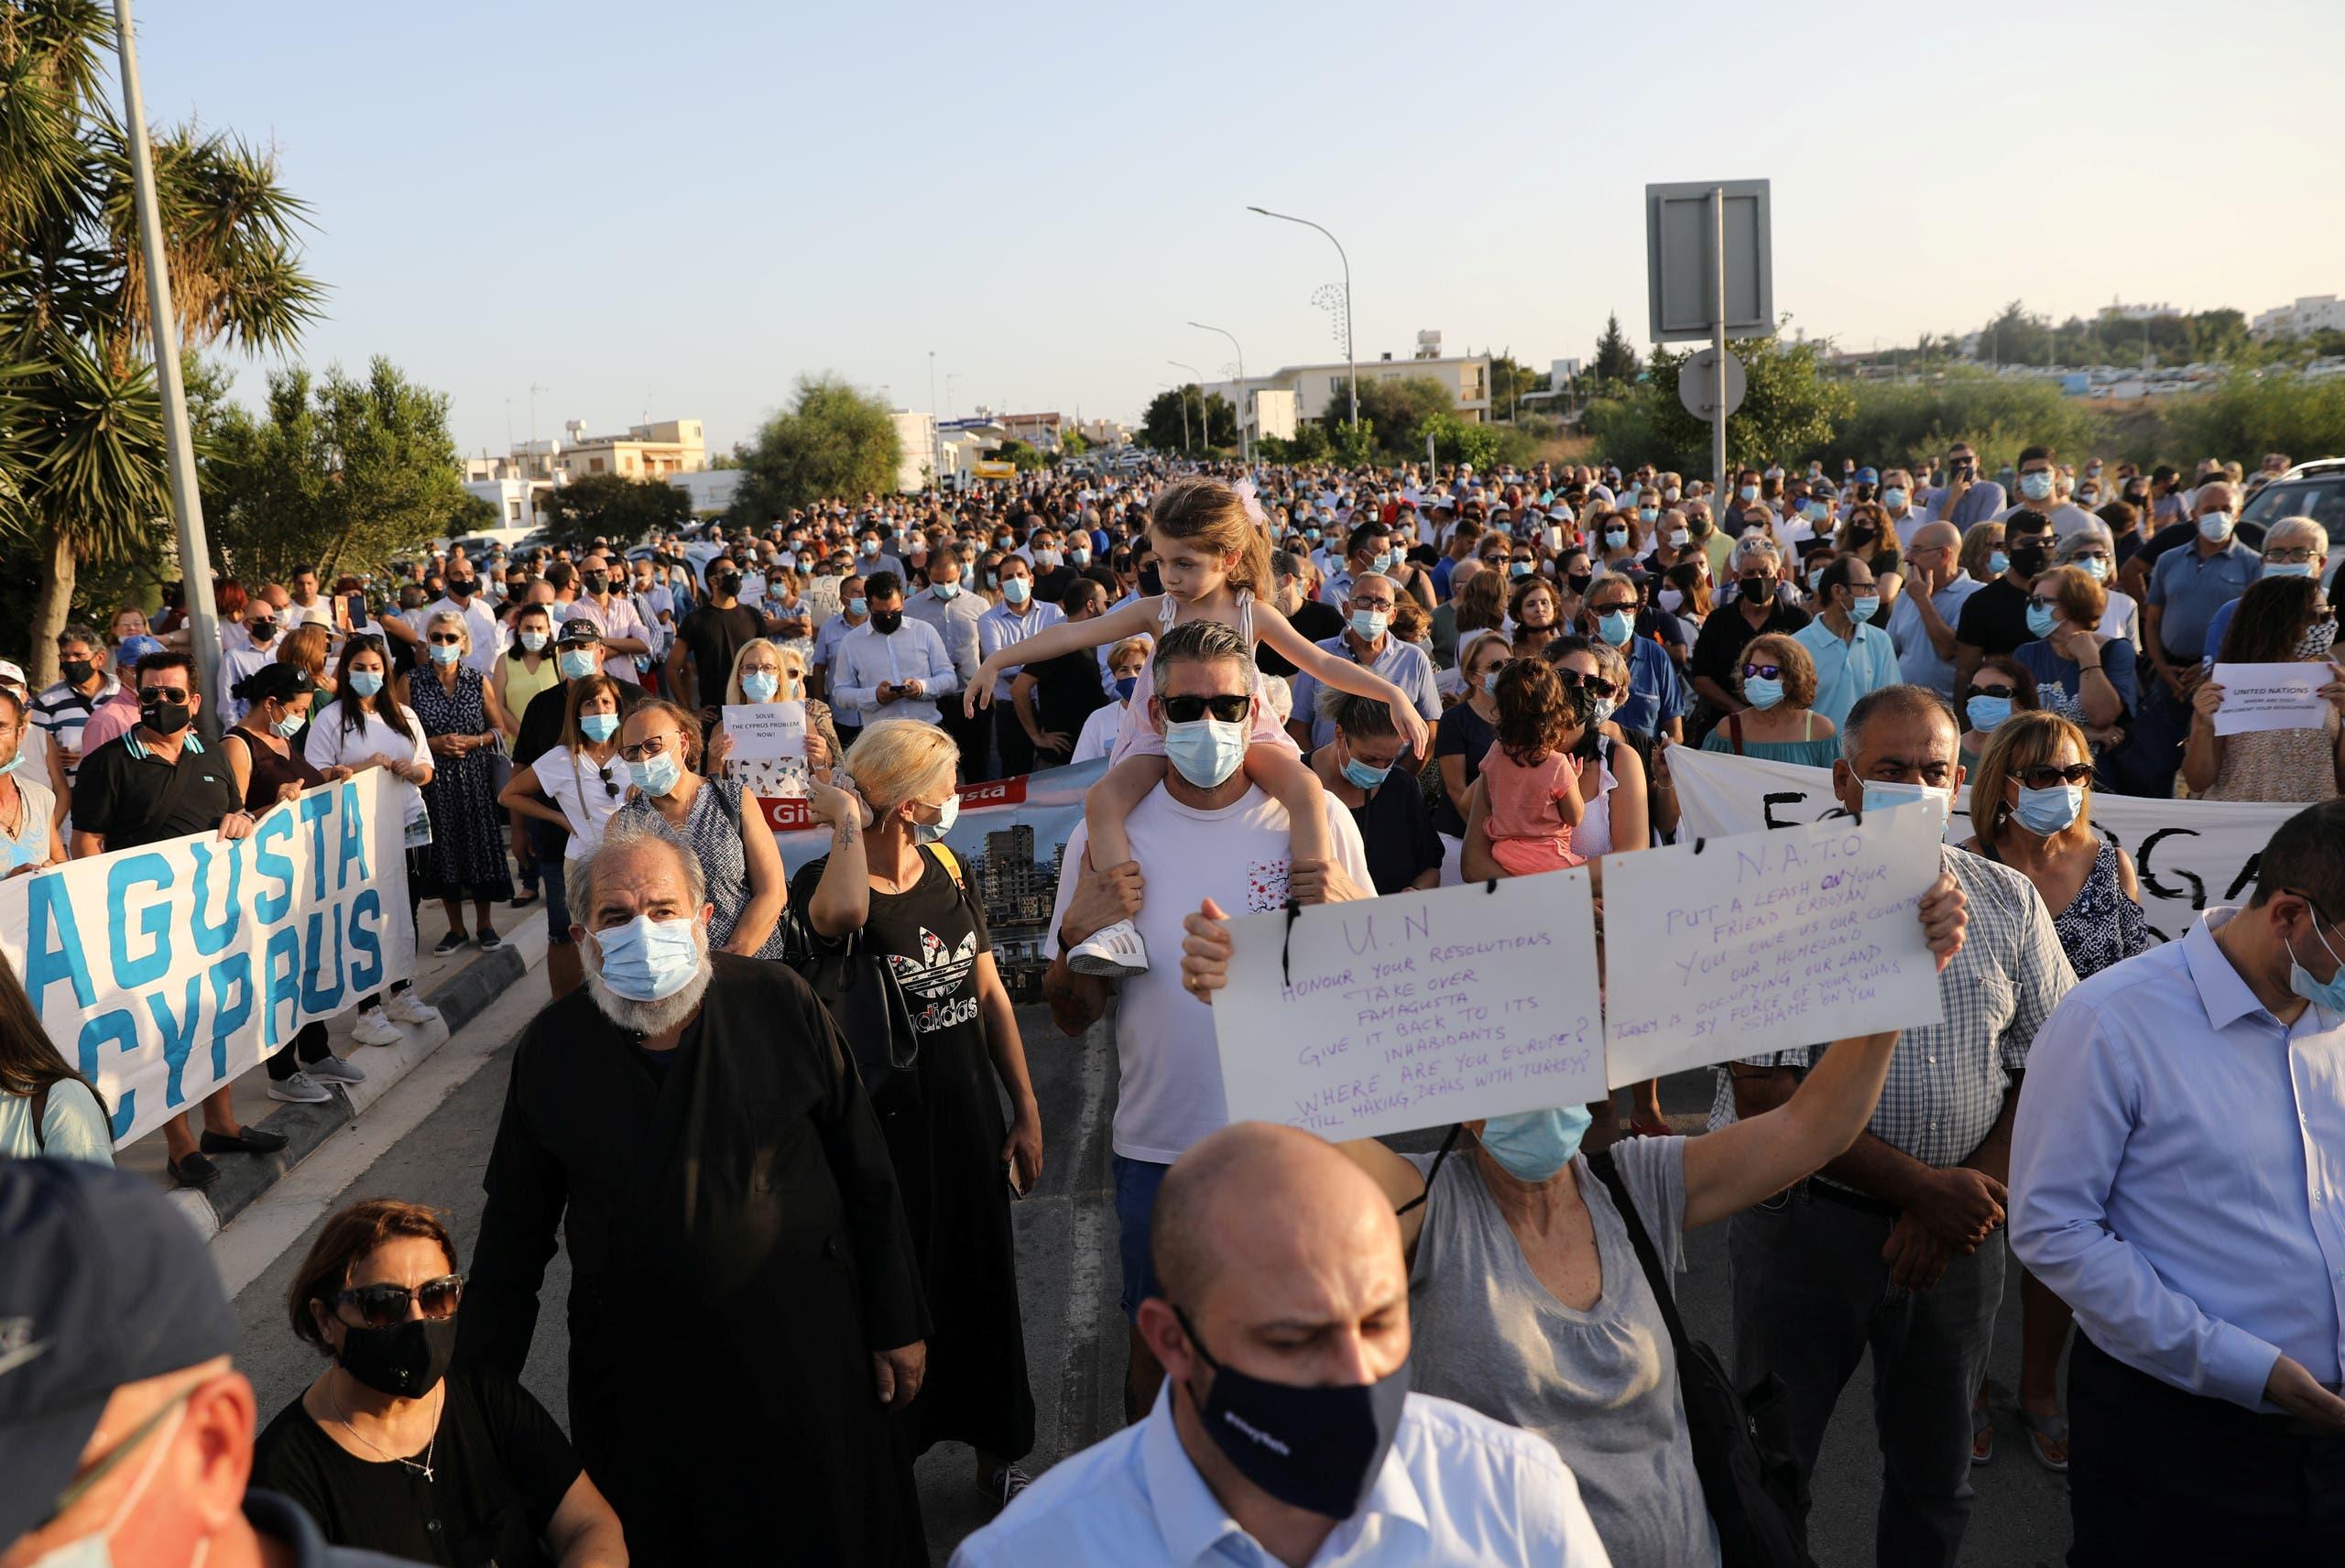 قبارصة يونانيون يحتجون على إعادة فتح أجزاء من فاروشا الشهر الماضي على نقطة حدودية بين جزأي الجزيرة